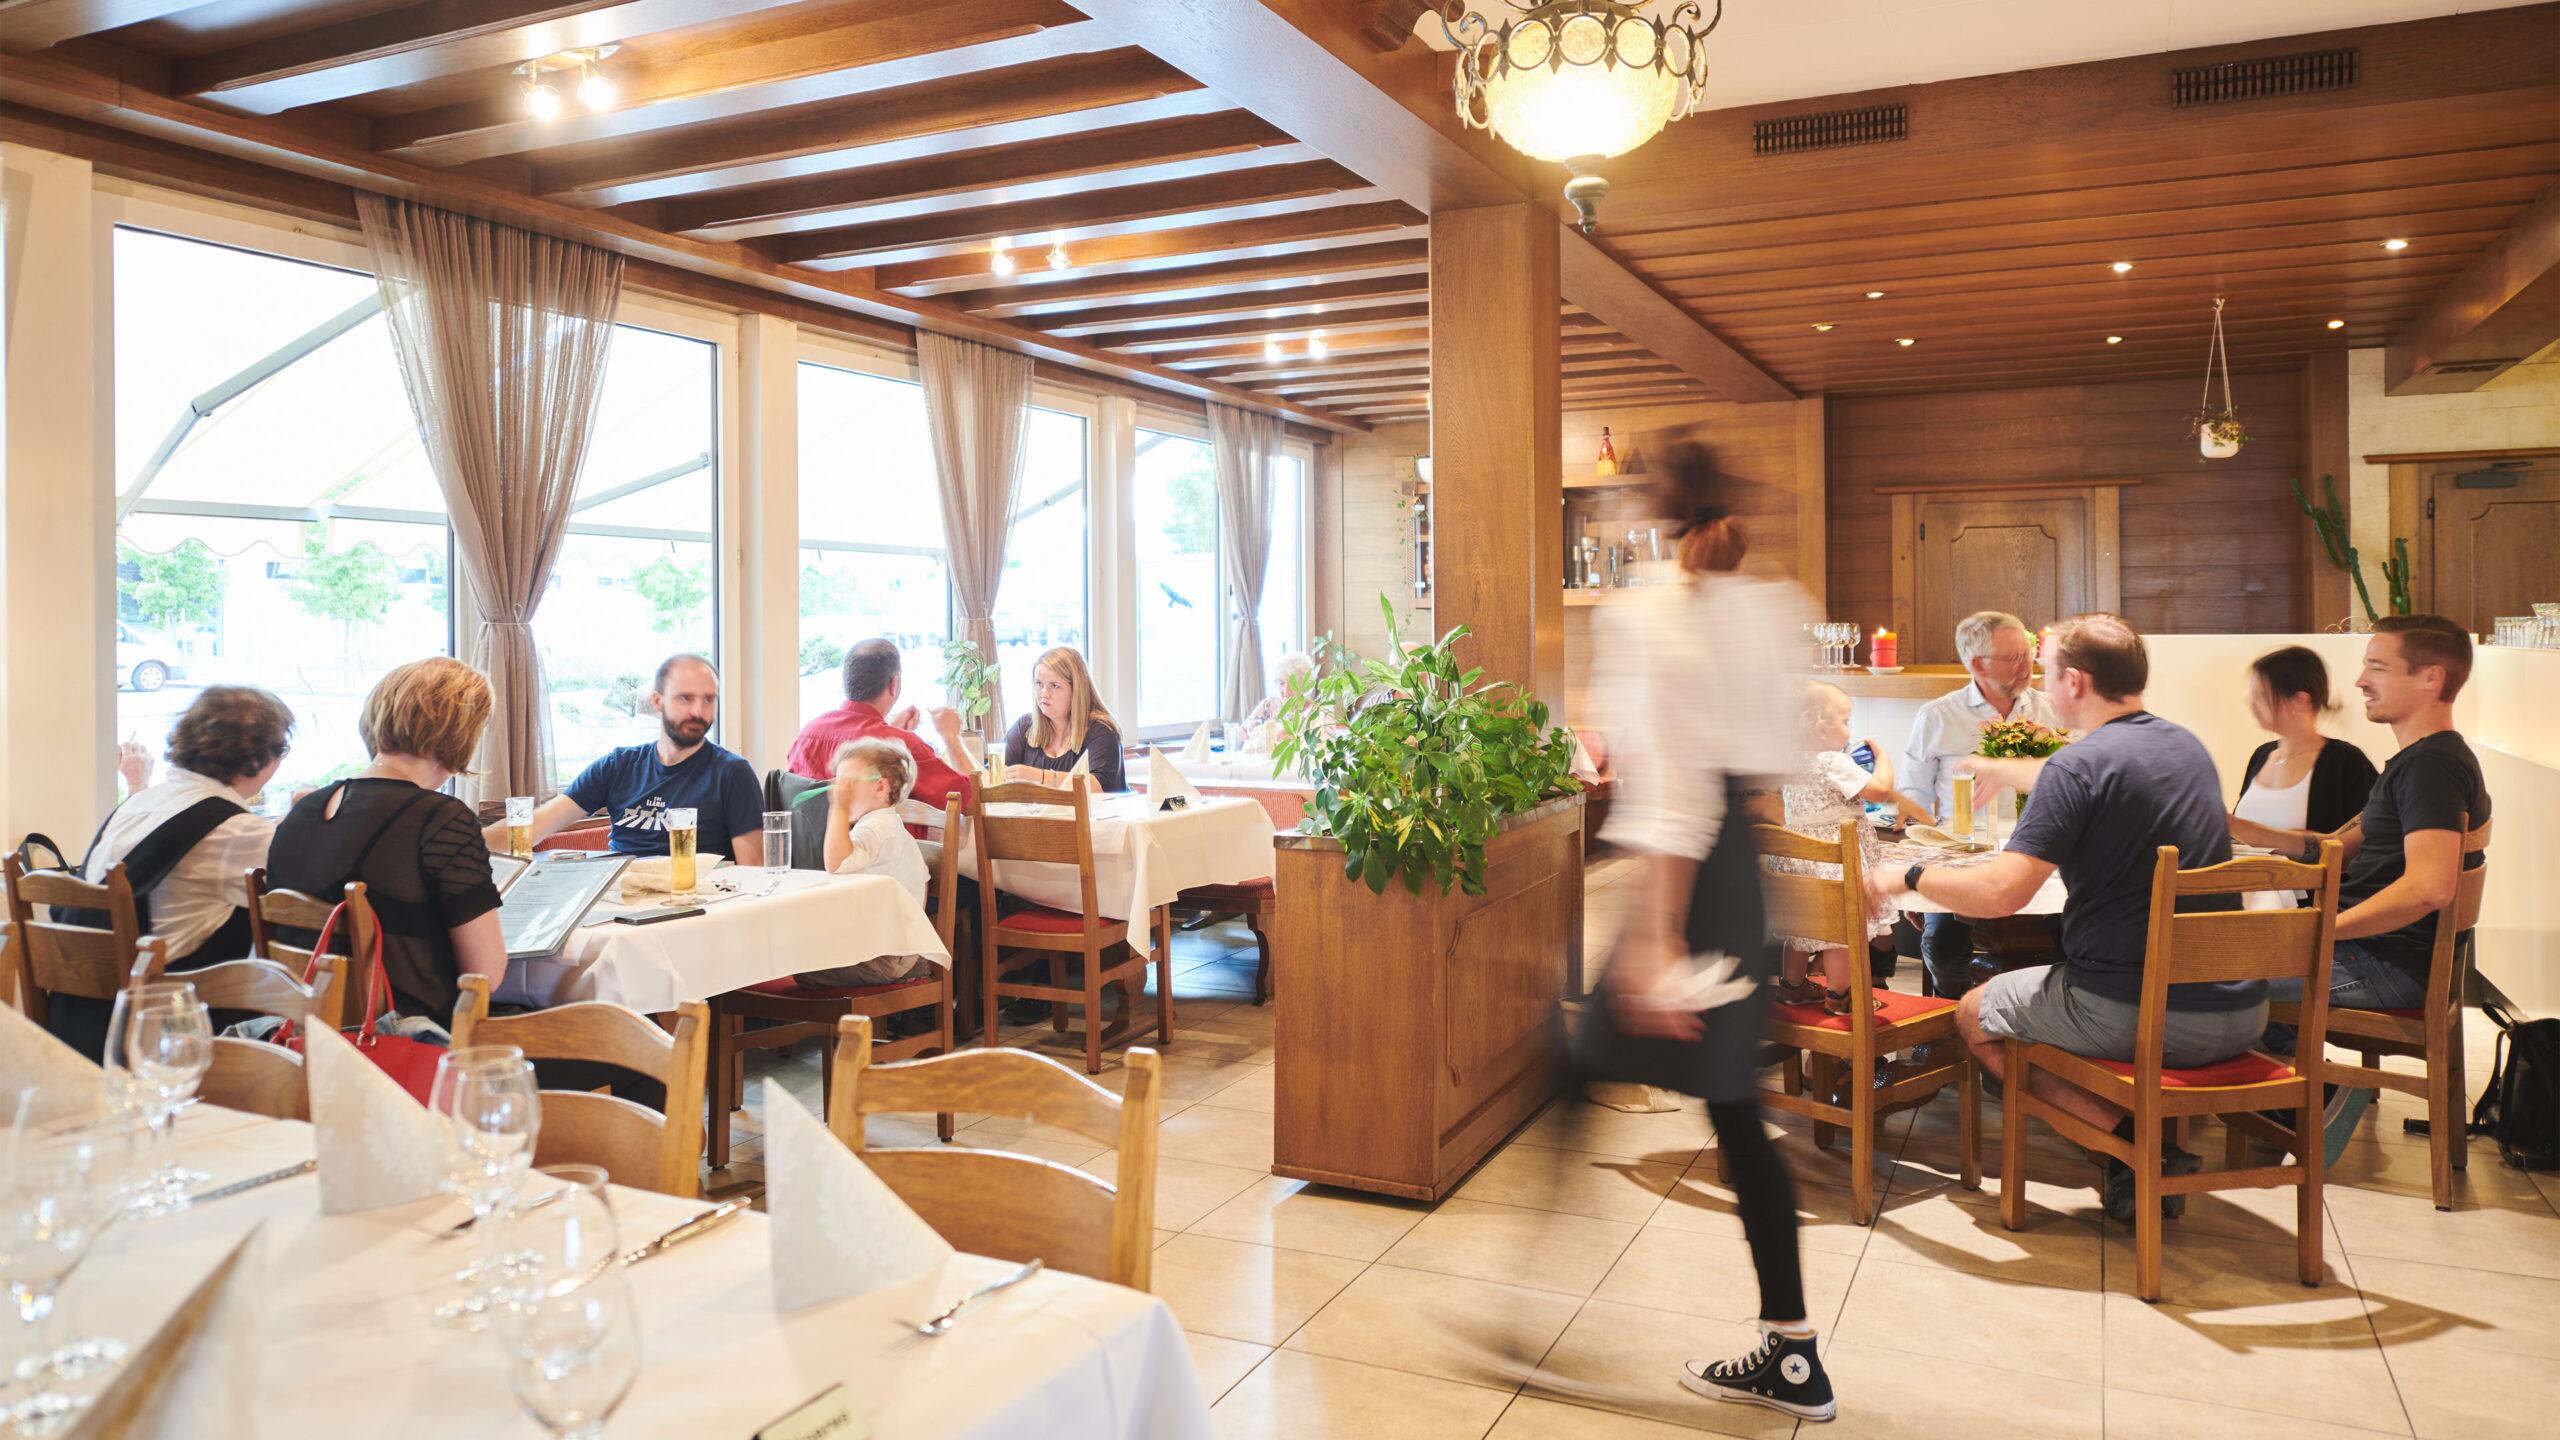 Restaurant-Schiffli-Diepoldsau-200905-PHK0228_eciRGB_v2-3840x2160